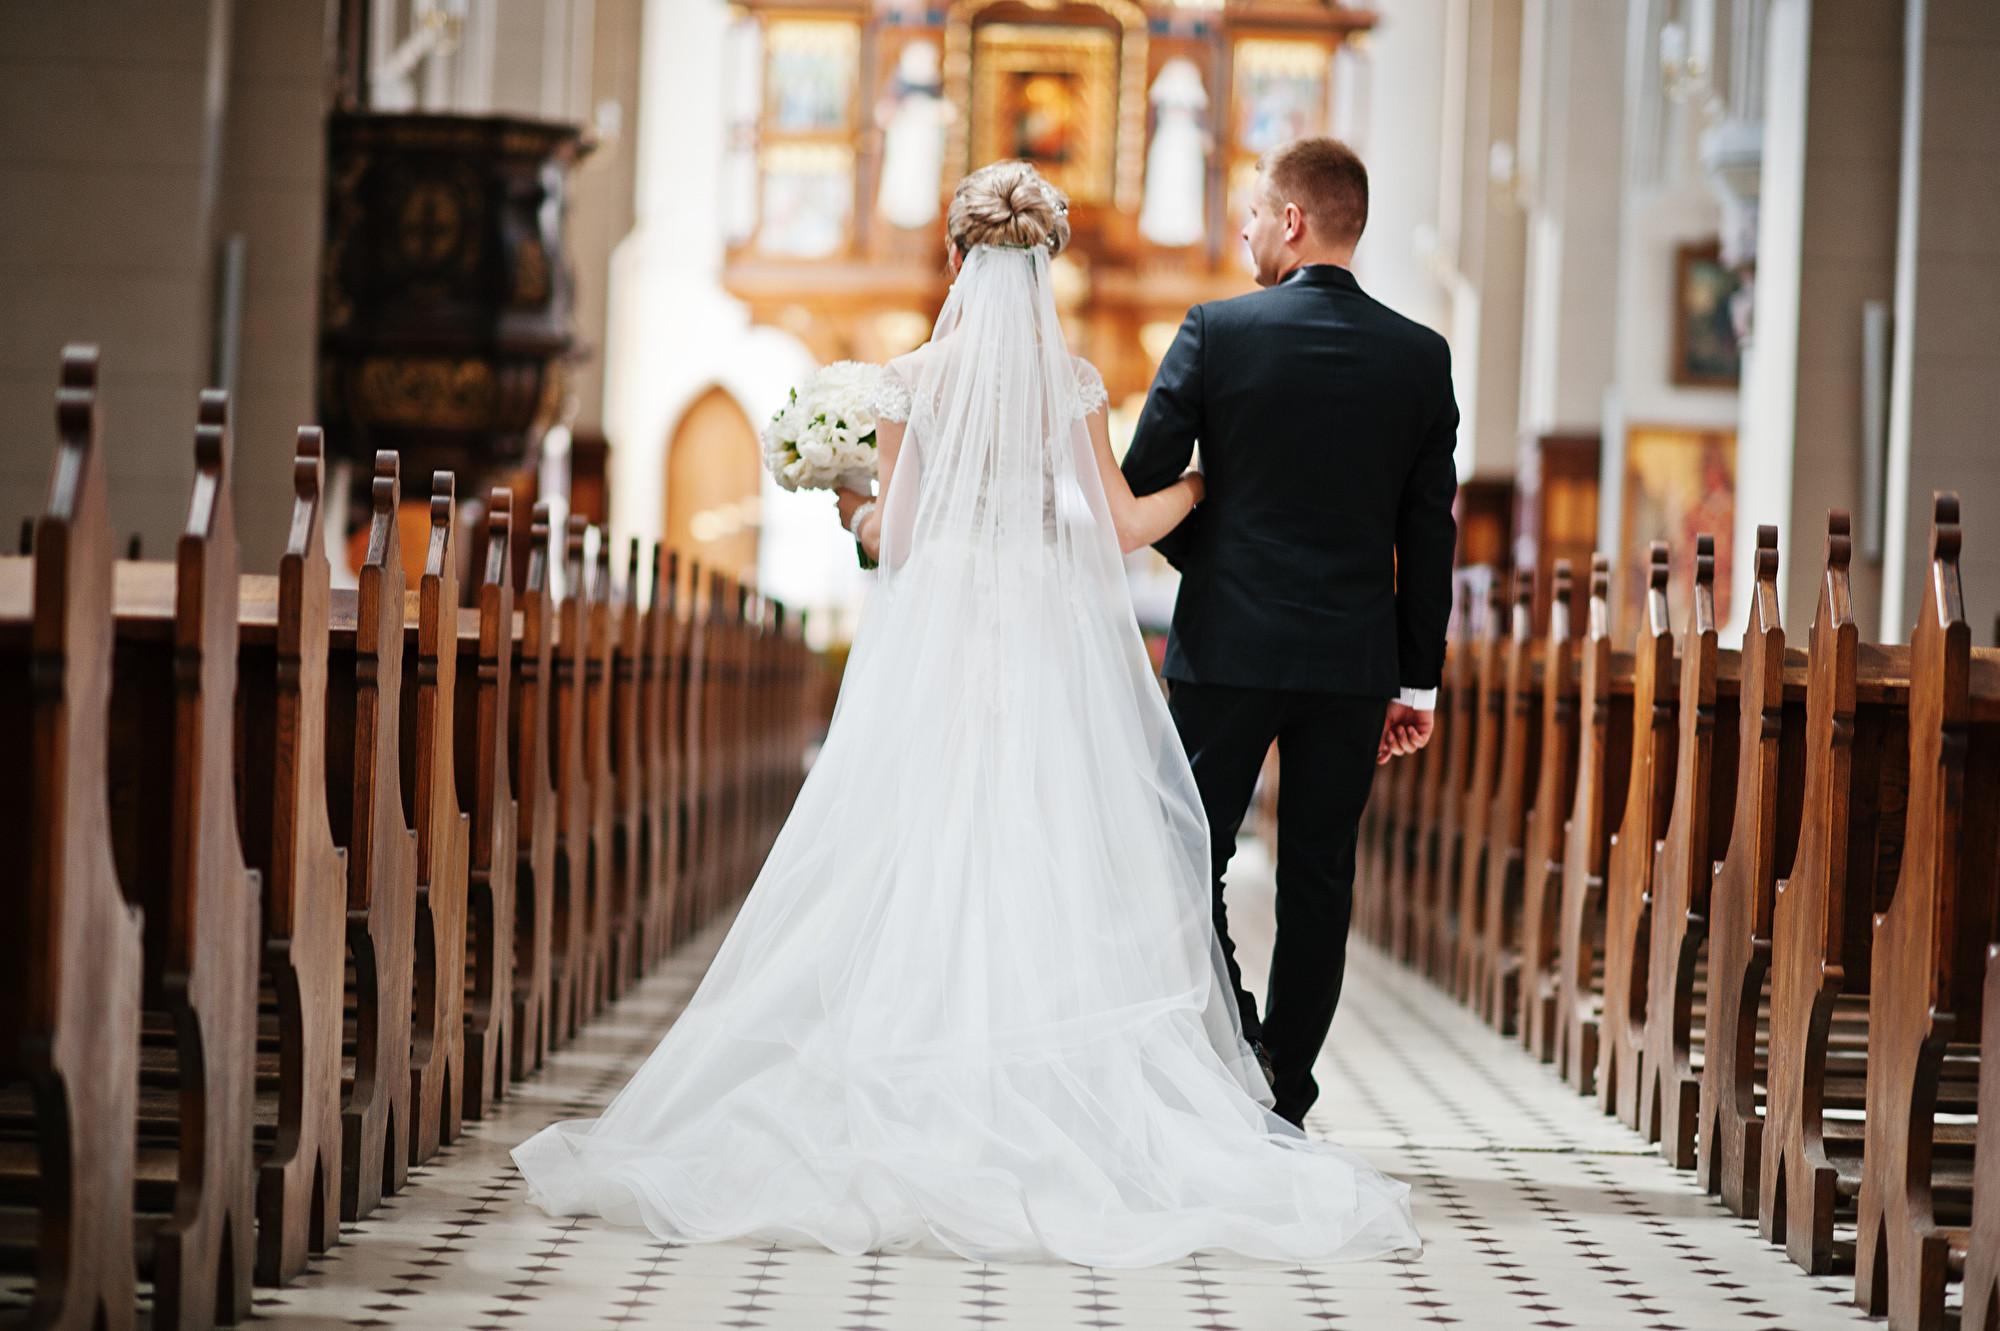 刪女兒婚禮預算印富商蓋房送窮人|大紀元時報 香港|獨立敢言的良心媒體